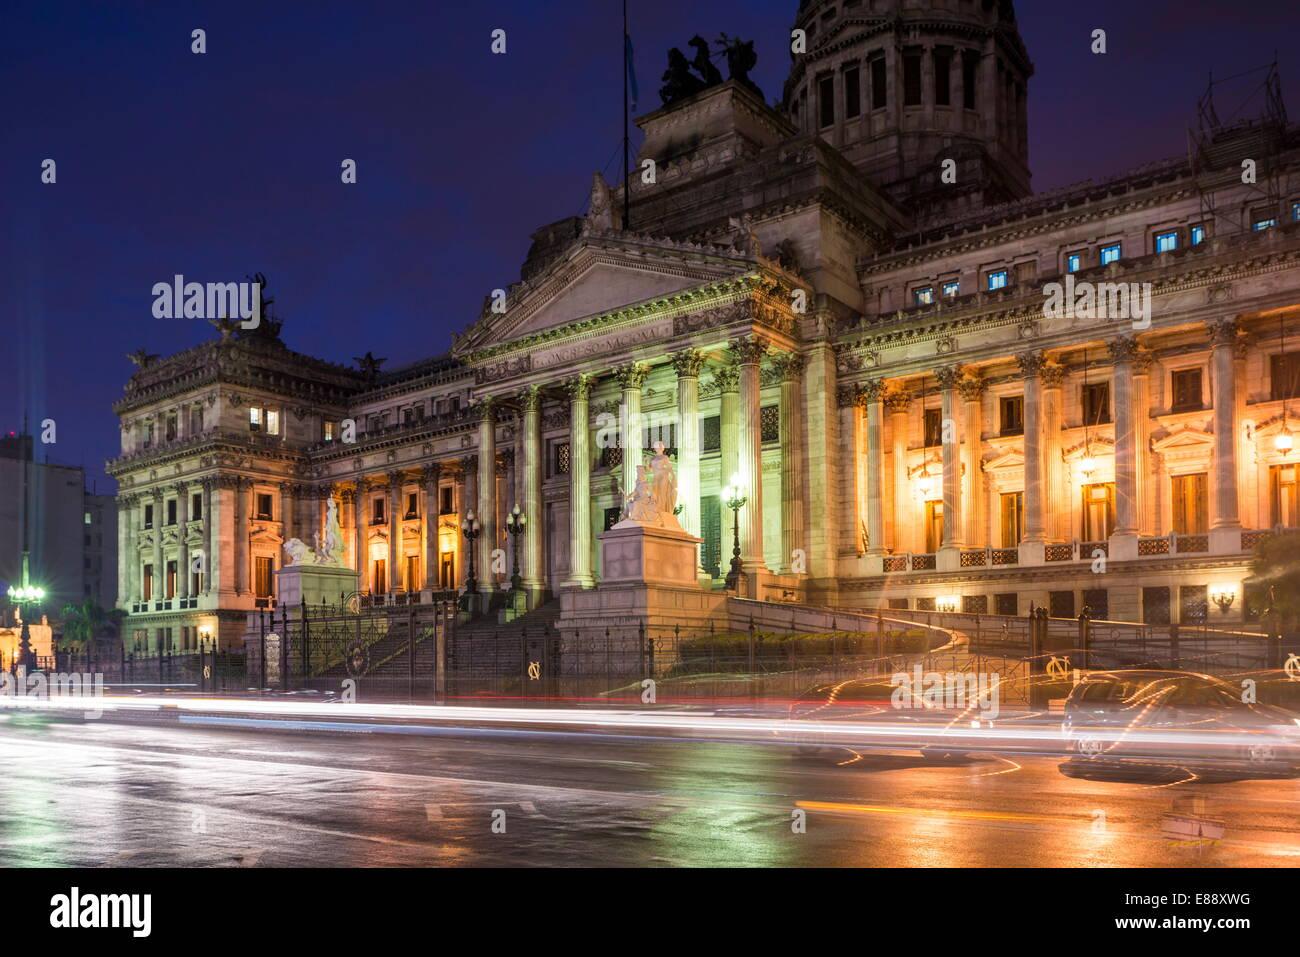 Palacio del Congreso en la noche, Buenos Aires, Argentina, Sudamérica Imagen De Stock